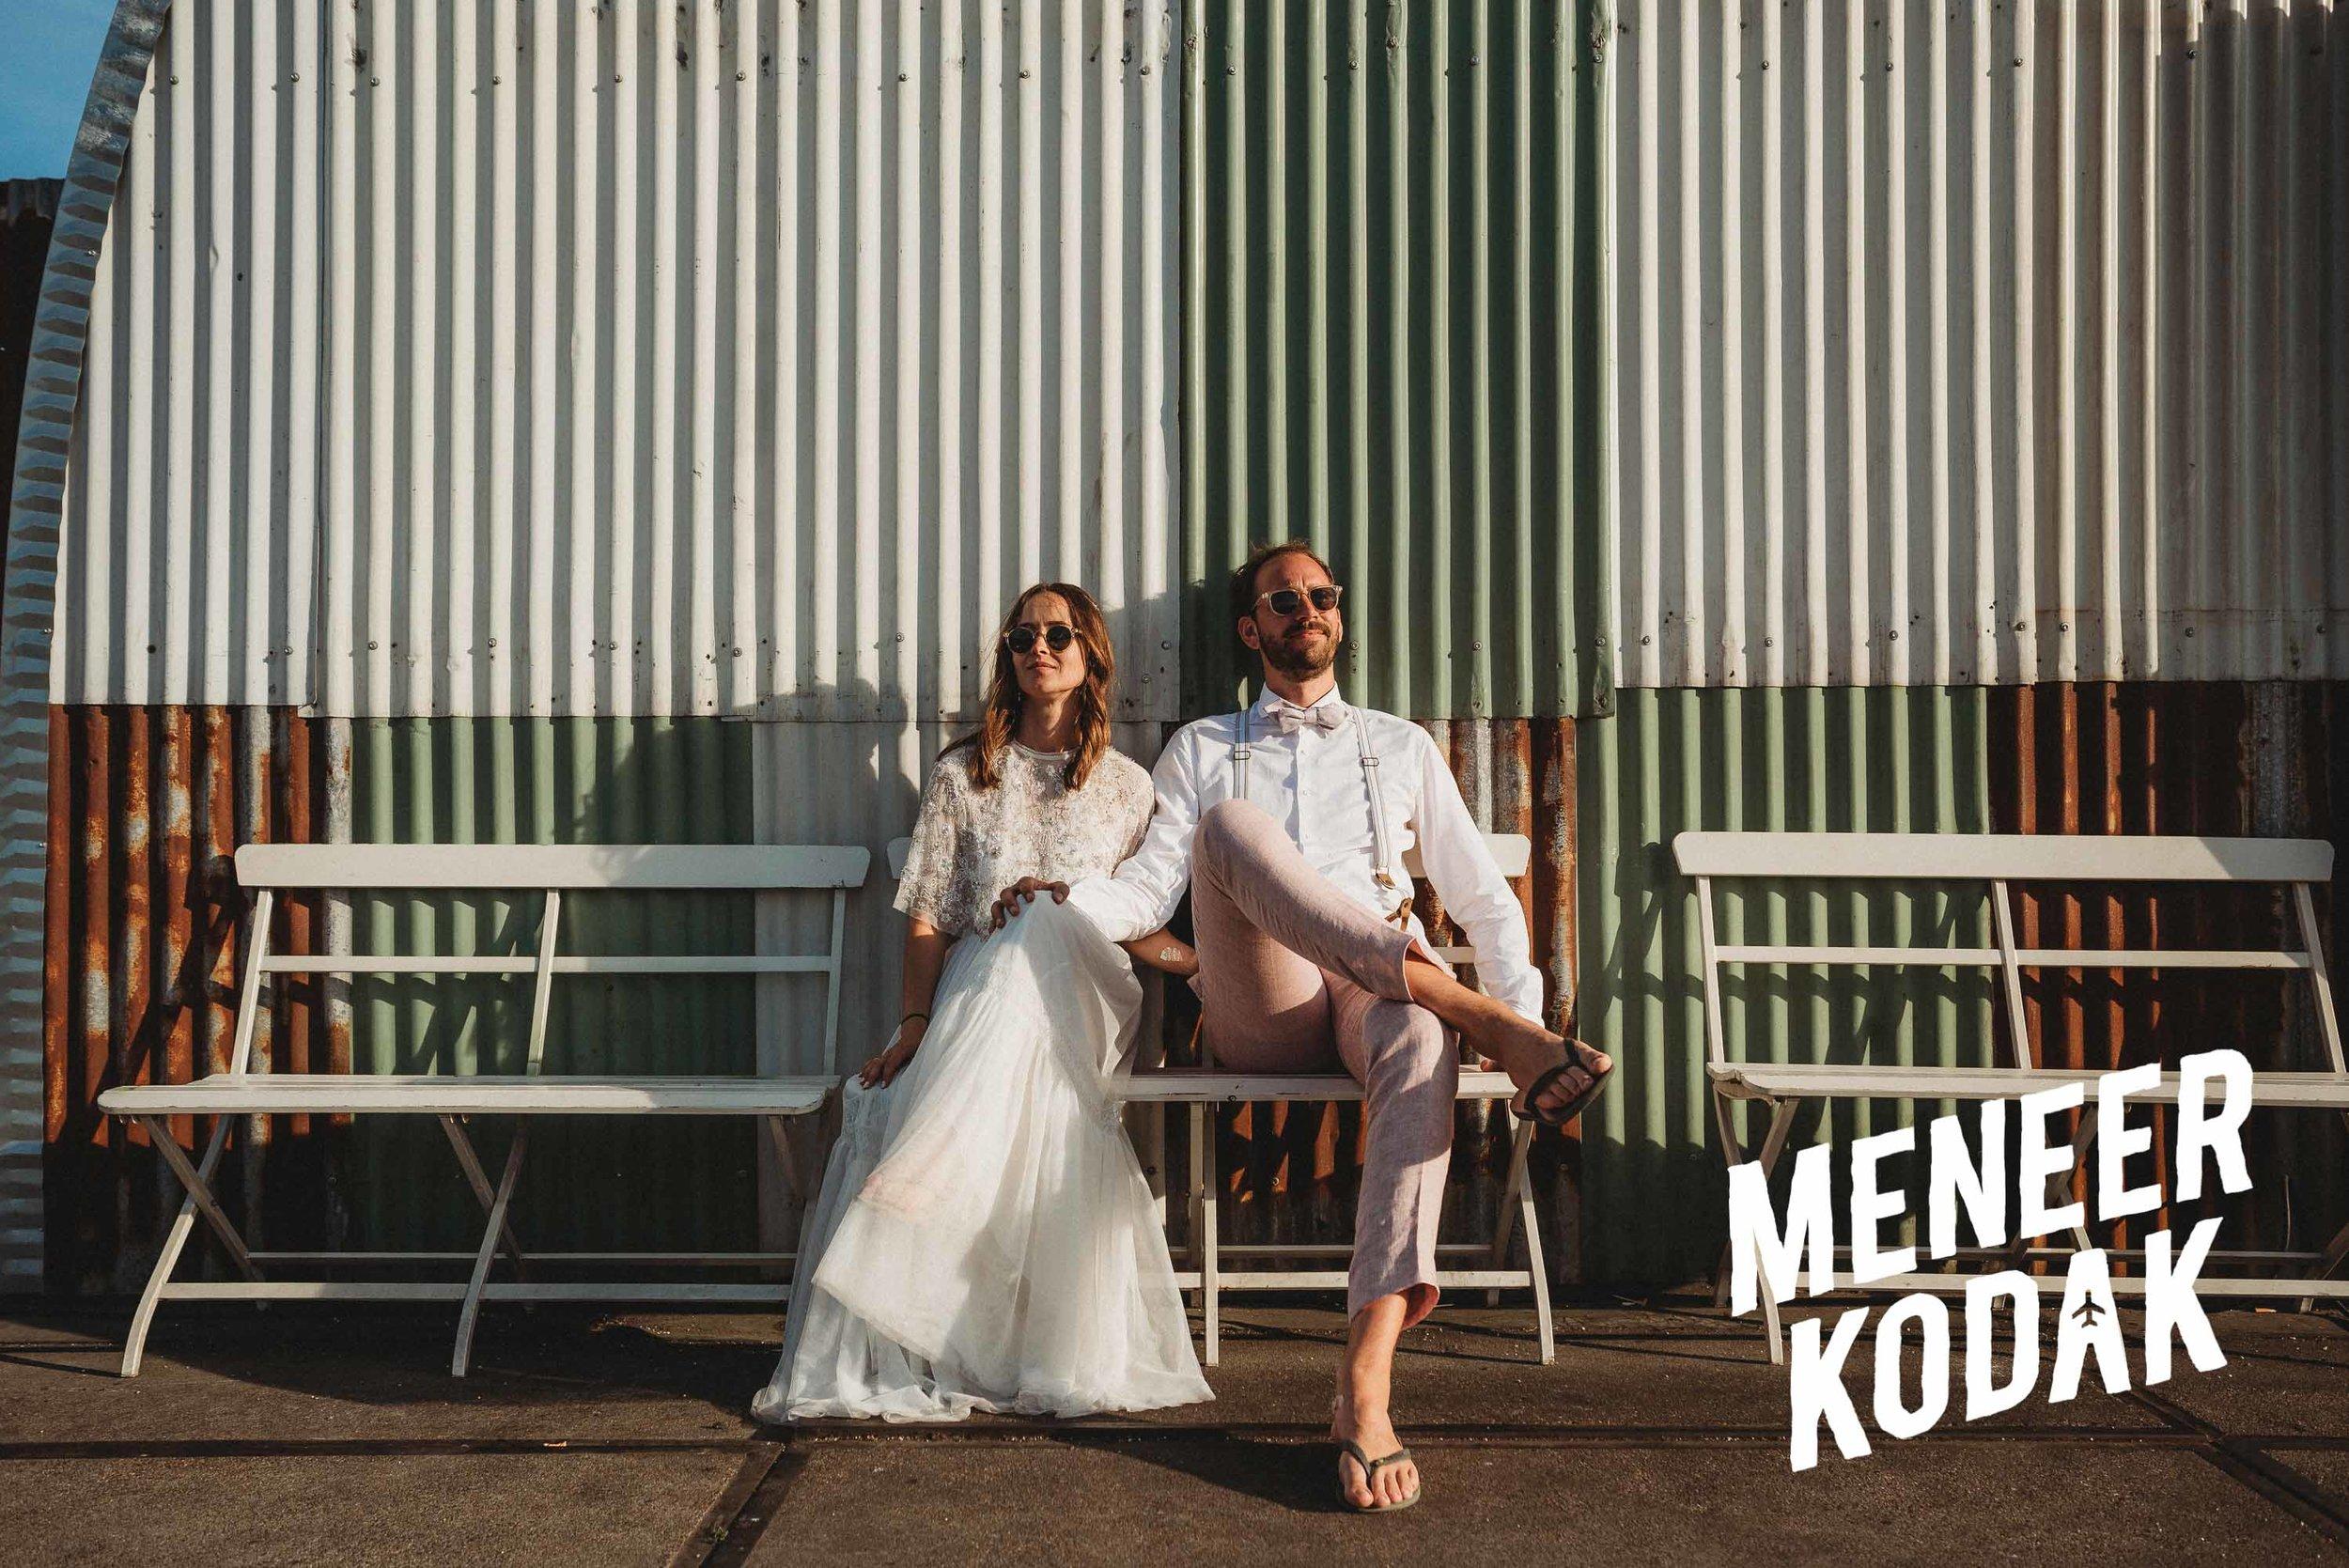 Meneer Kodak - Trouwfotograaf - Amsterdam - H&T-107.jpg